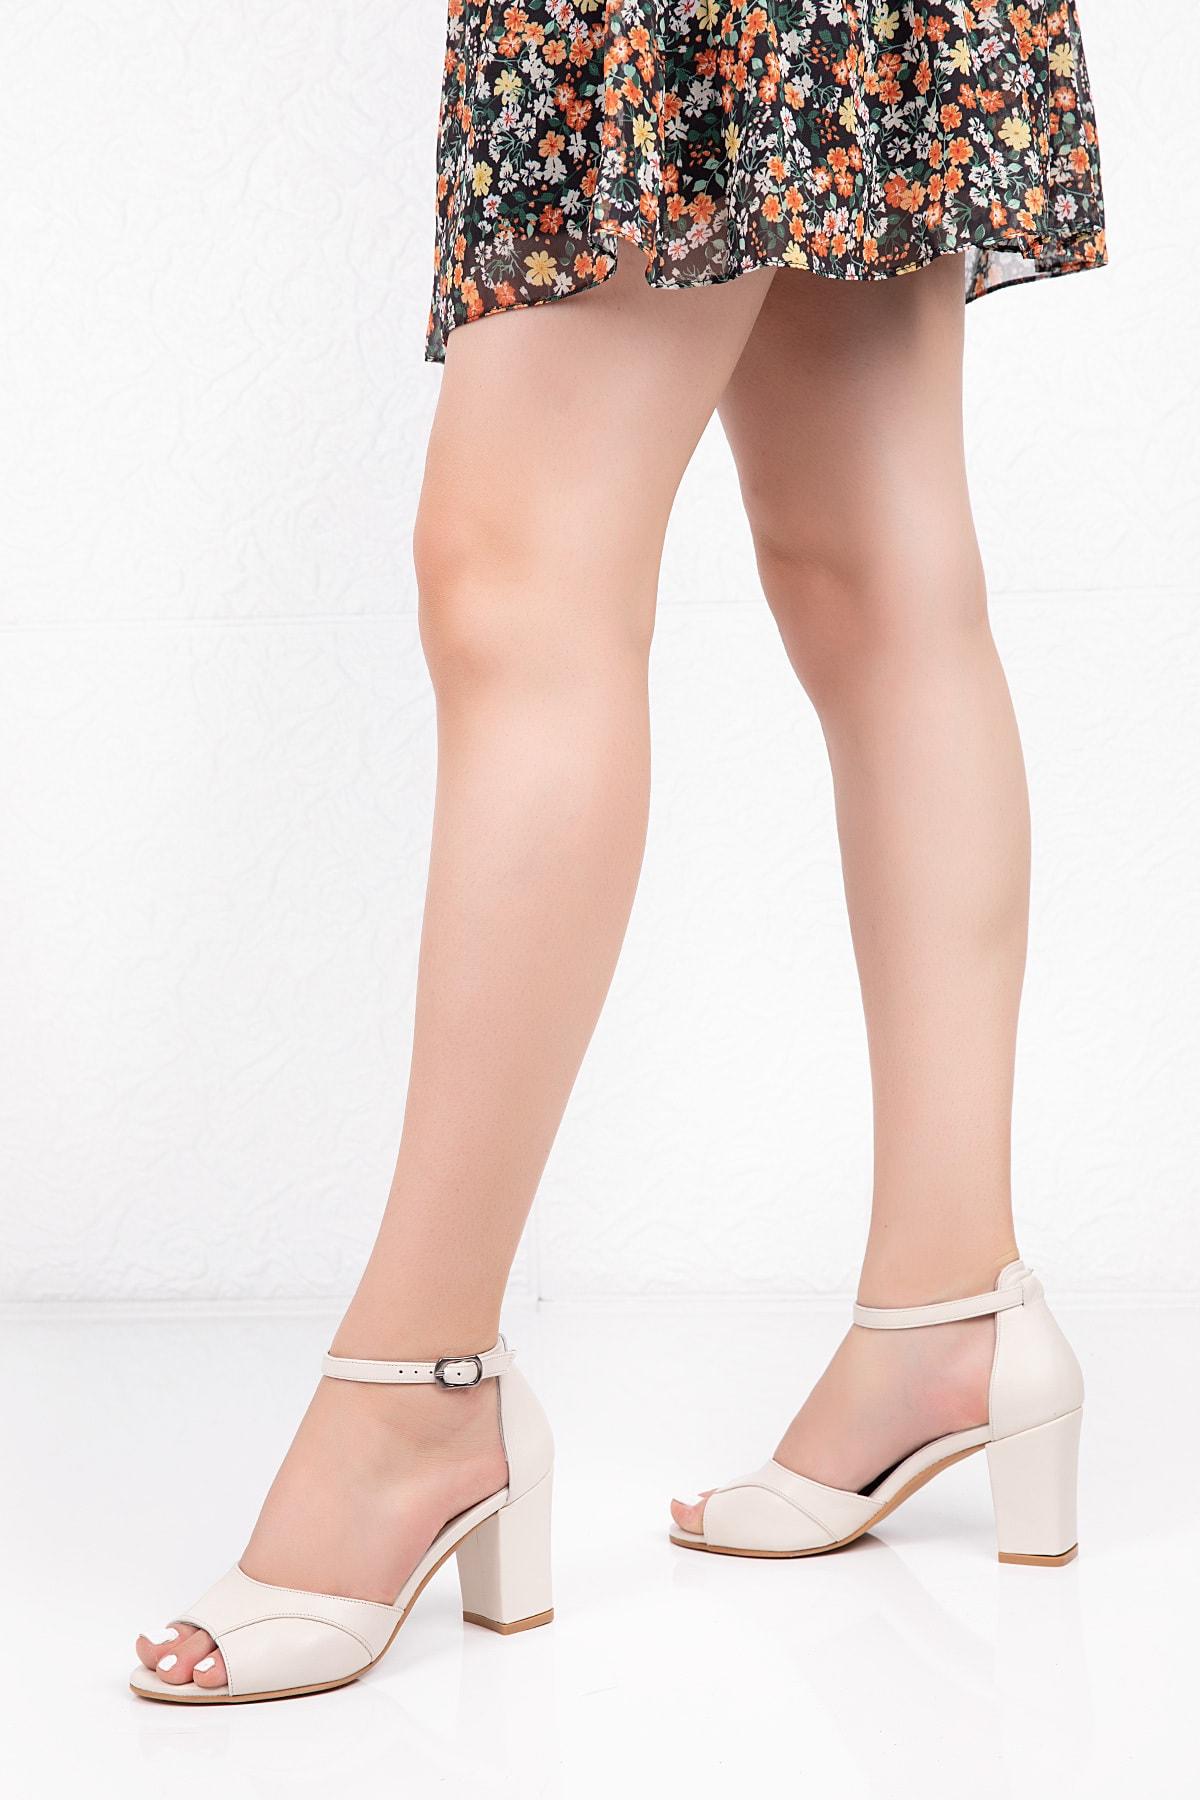 Gondol Hakiki Deri Topuklu Ayakkabı 1